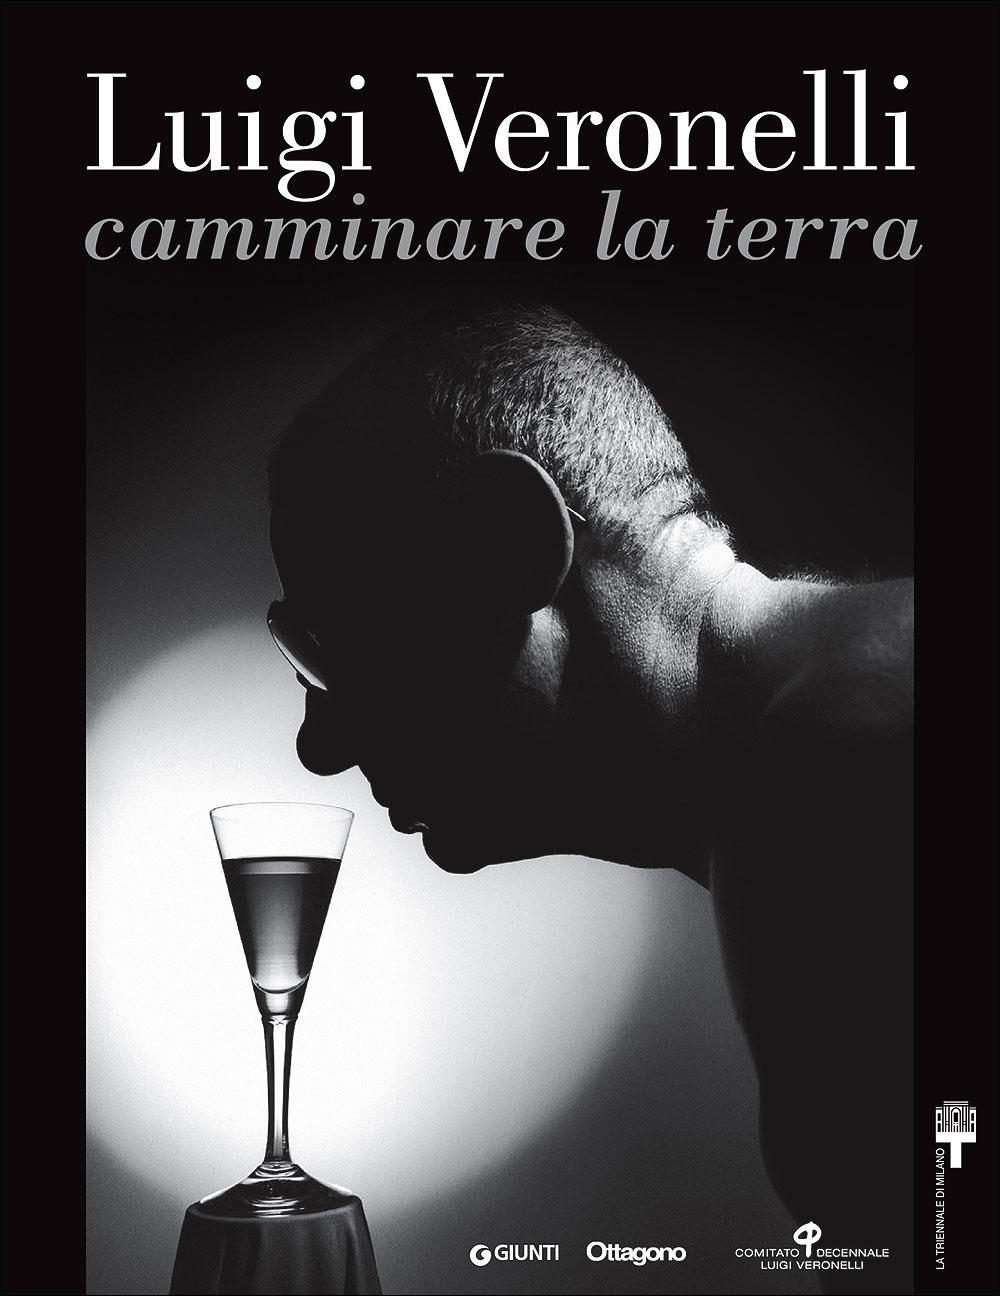 Luigi Veronelli: camminare la terra